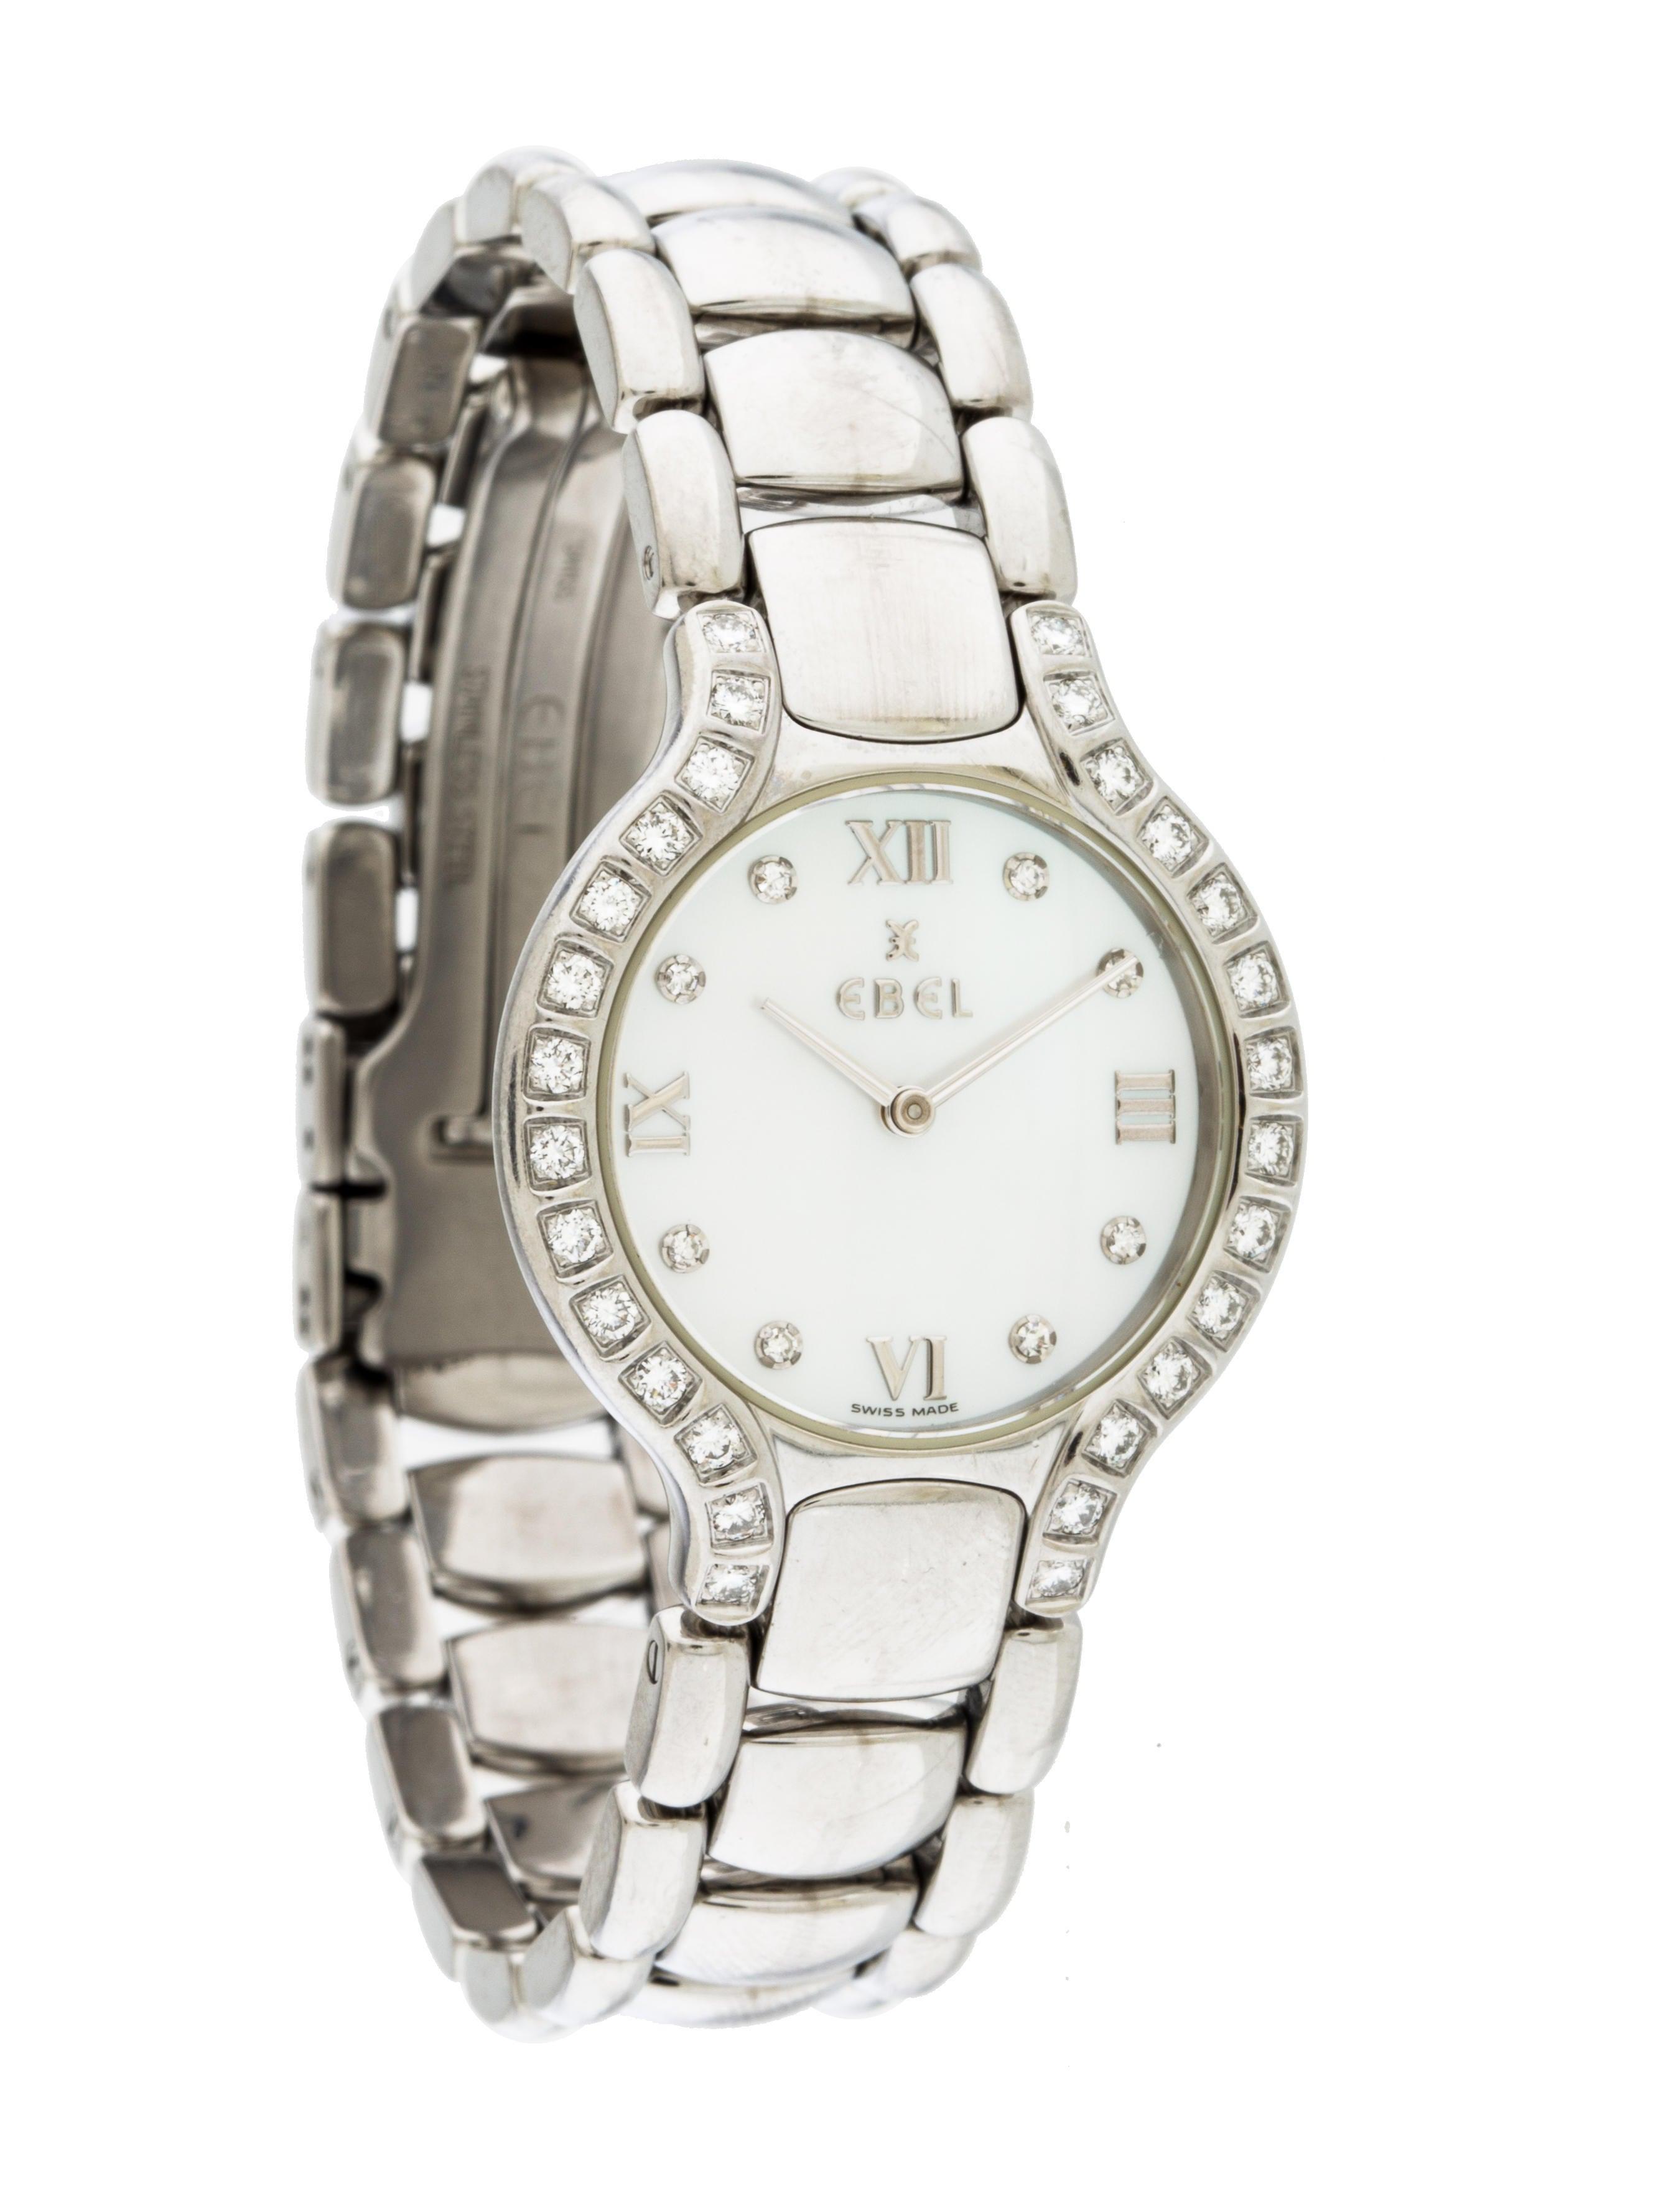 Ebel Beluga Watch - Bracelet